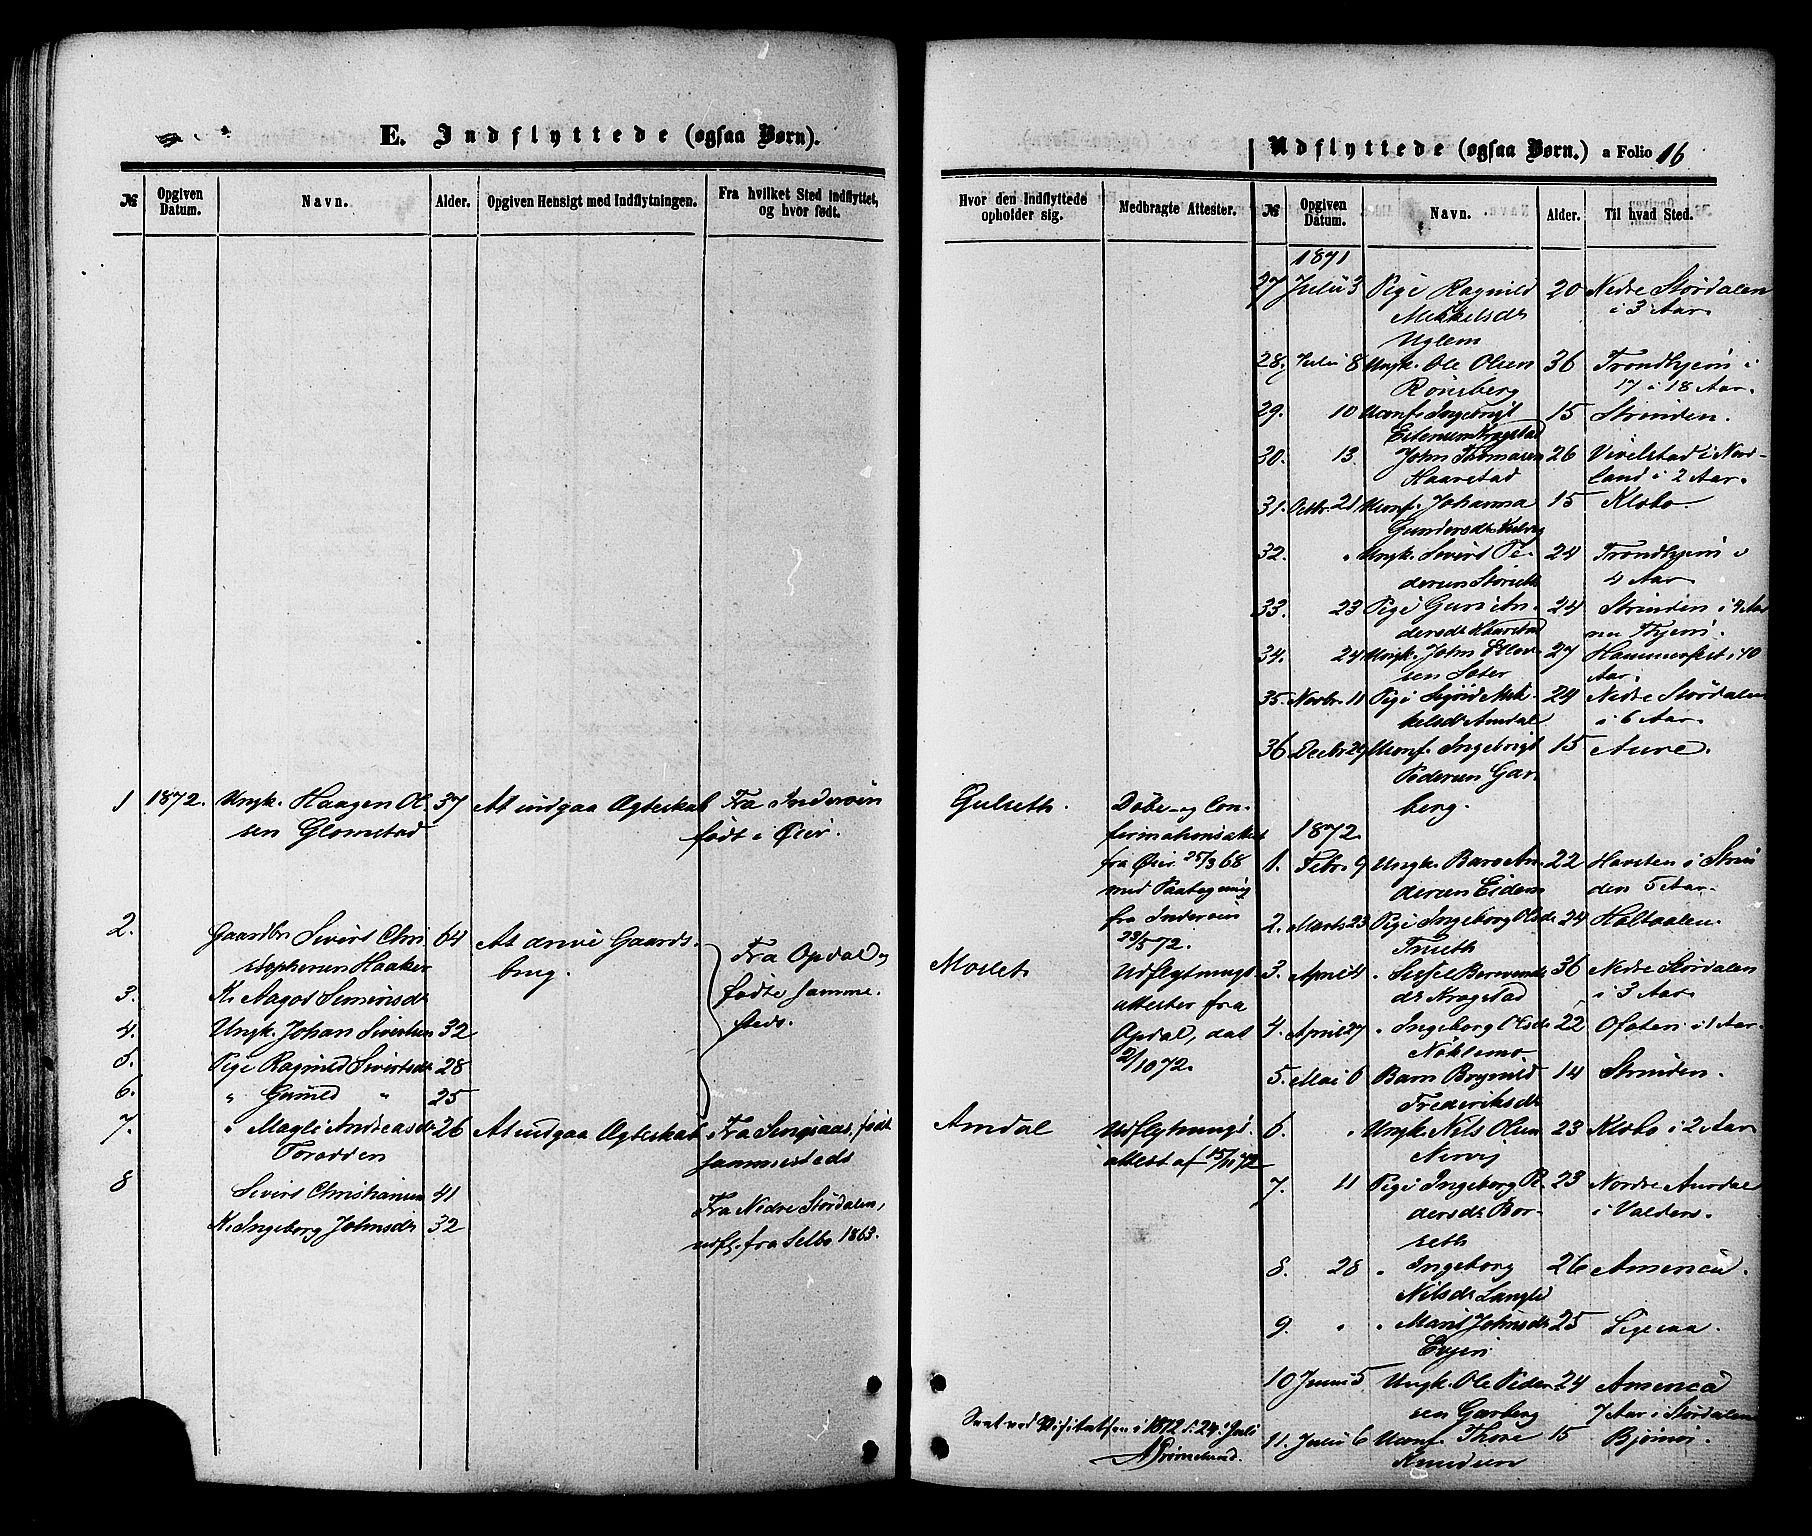 SAT, Ministerialprotokoller, klokkerbøker og fødselsregistre - Sør-Trøndelag, 695/L1147: Ministerialbok nr. 695A07, 1860-1877, s. 16